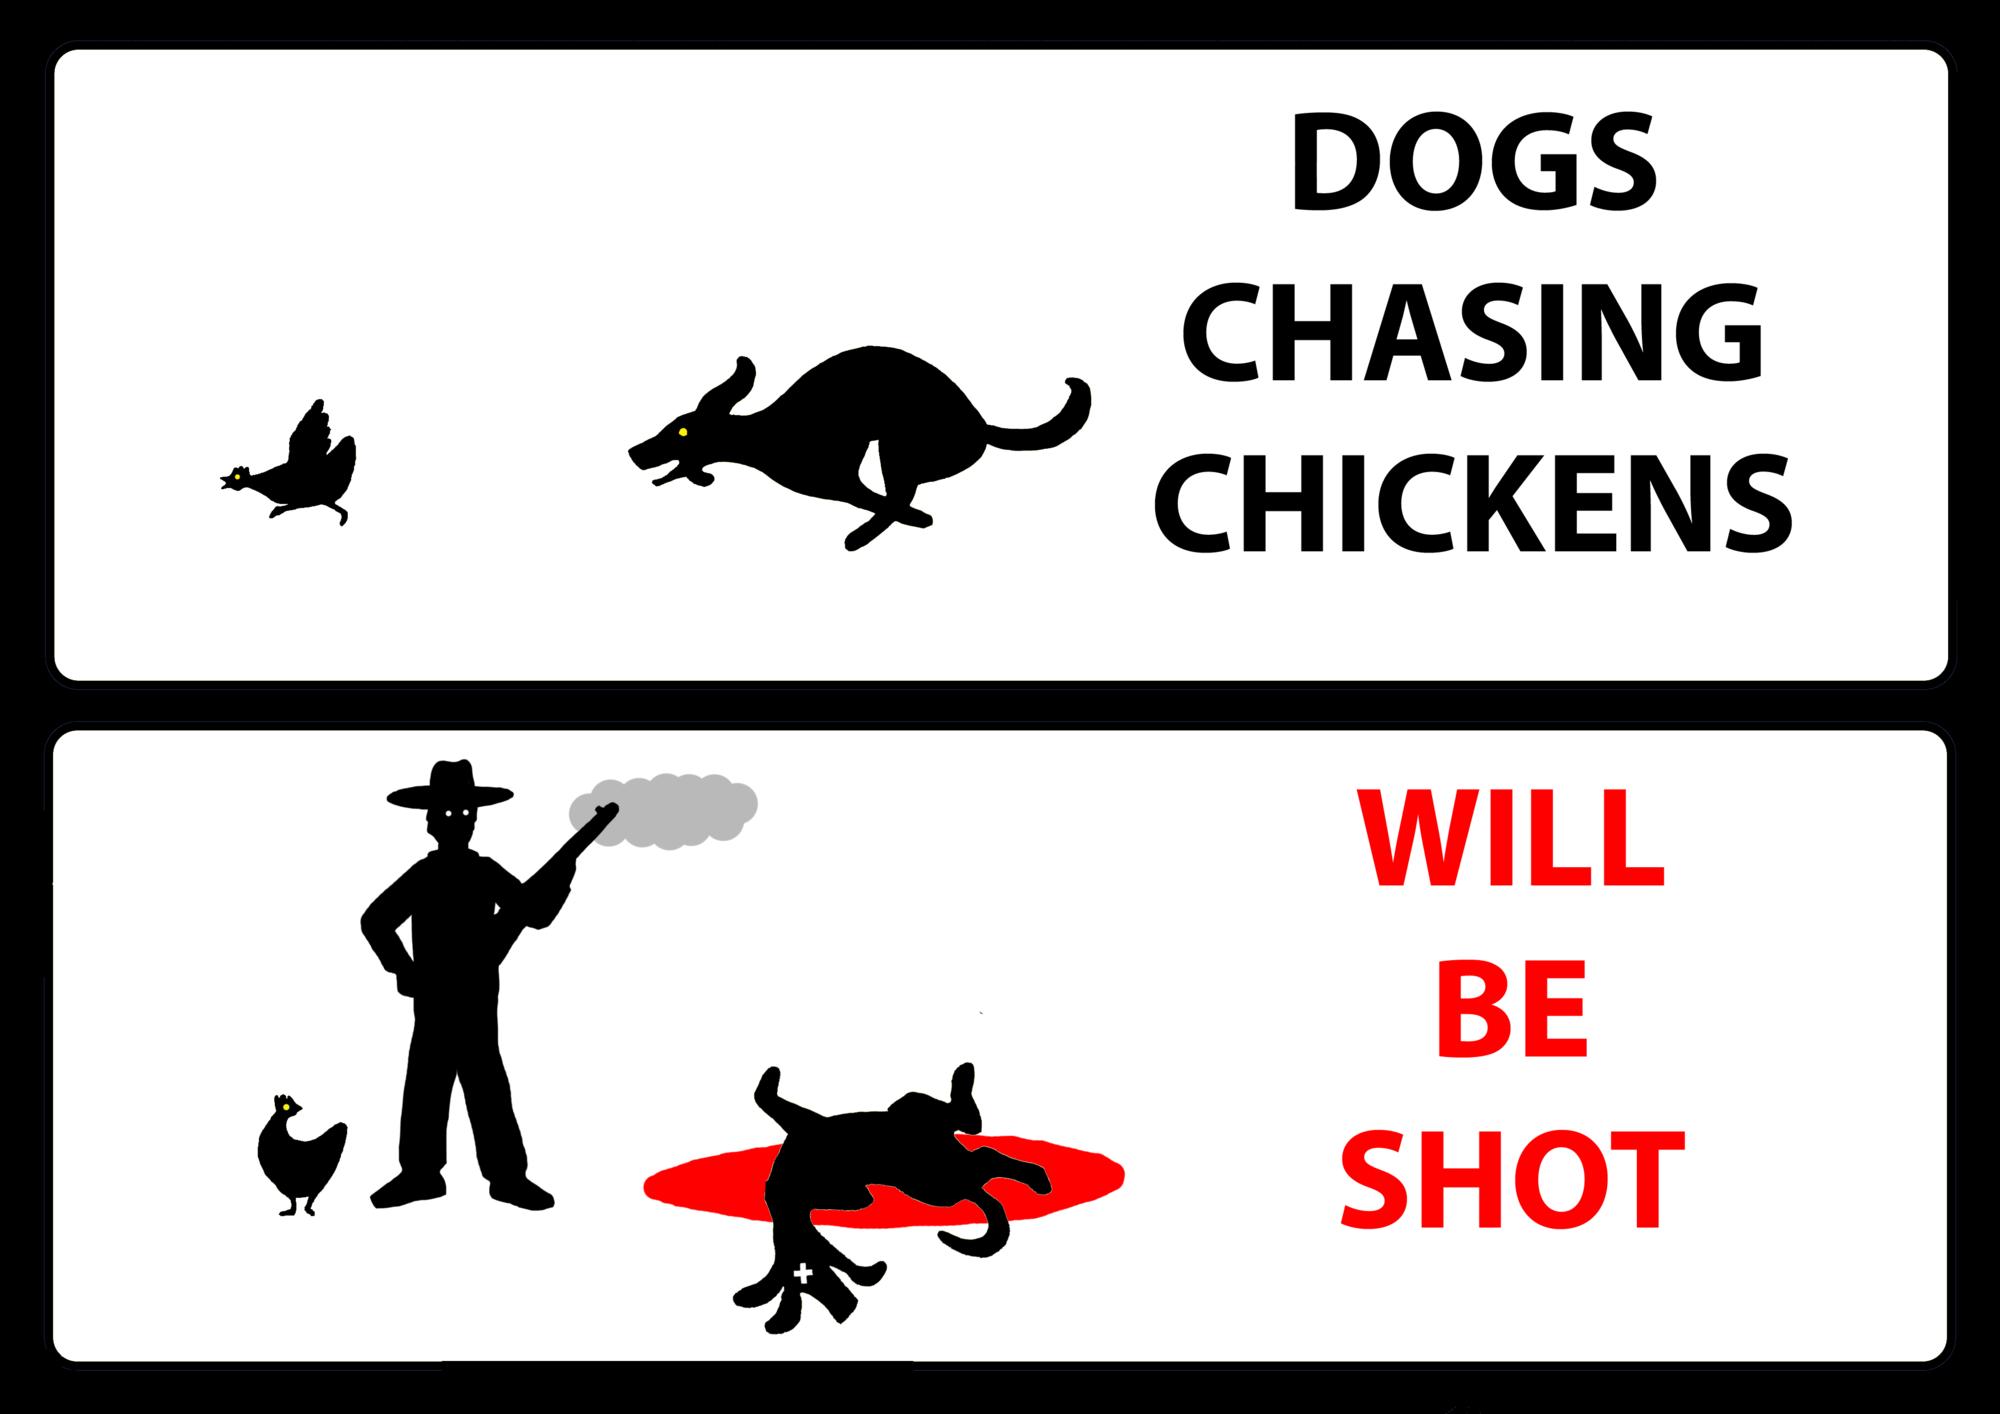 DOGSSHOT.png